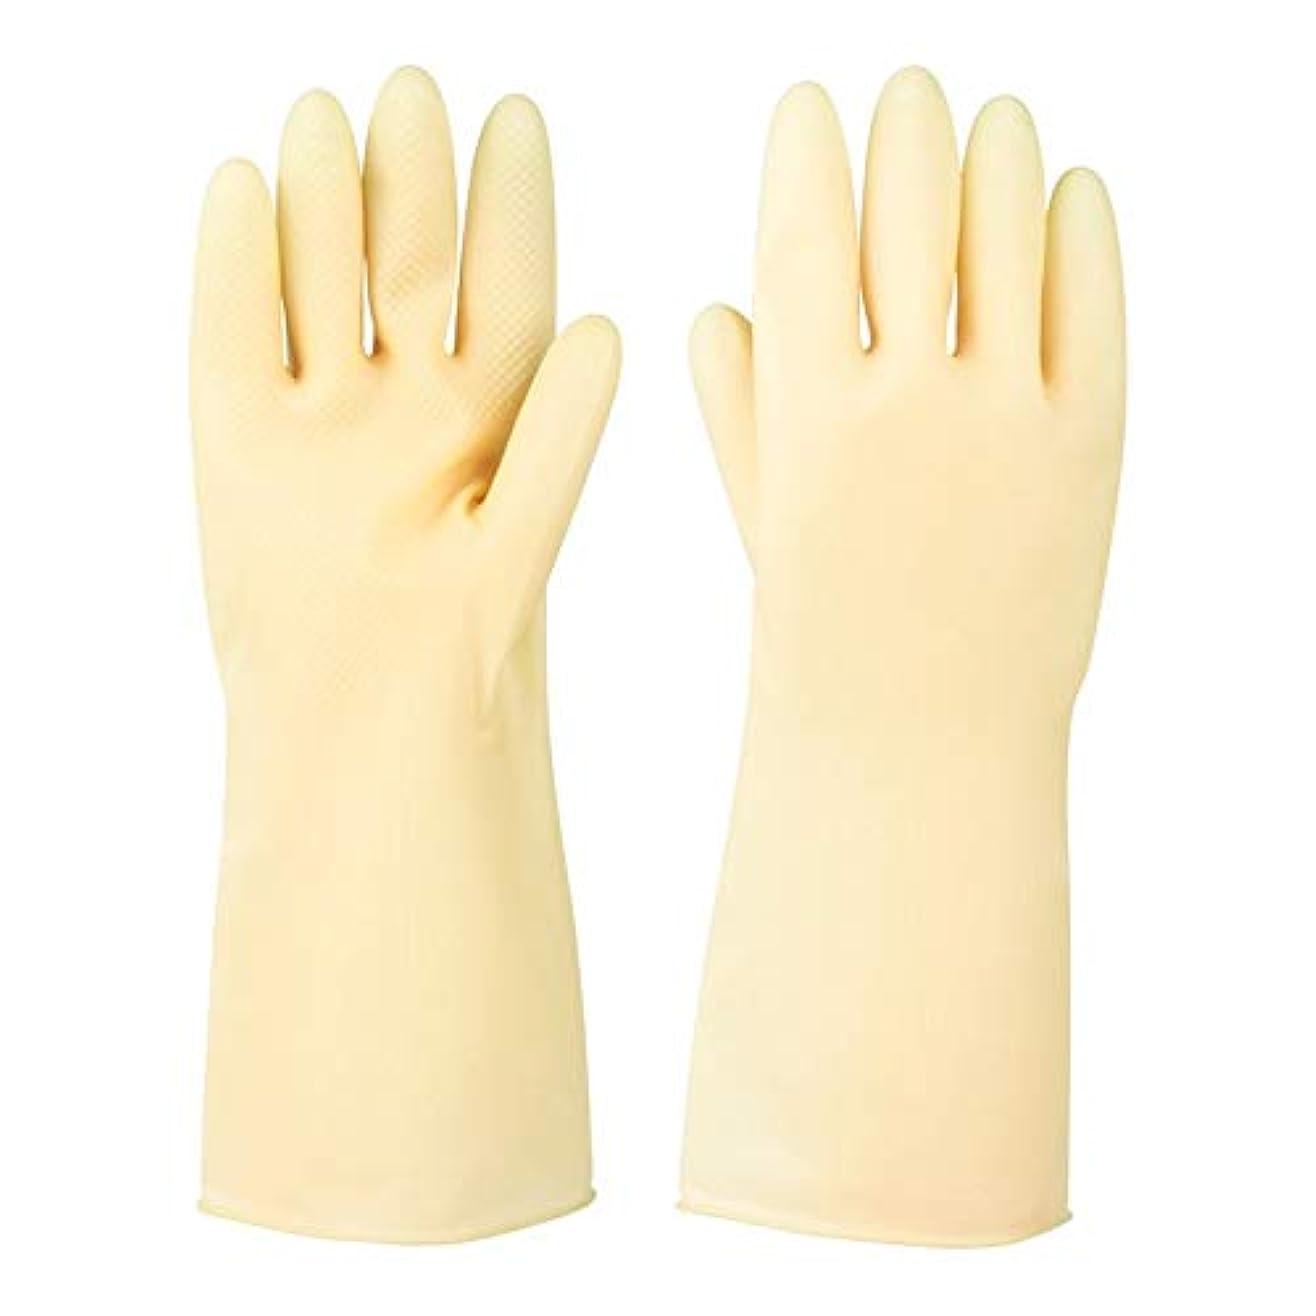 生きている寝具投資ニトリルゴム手袋 ラバーレザーグローブ厚めの滑り止め耐摩耗性防水保護手袋、5ペア 使い捨て手袋 (Color : 5 pair, Size : S)